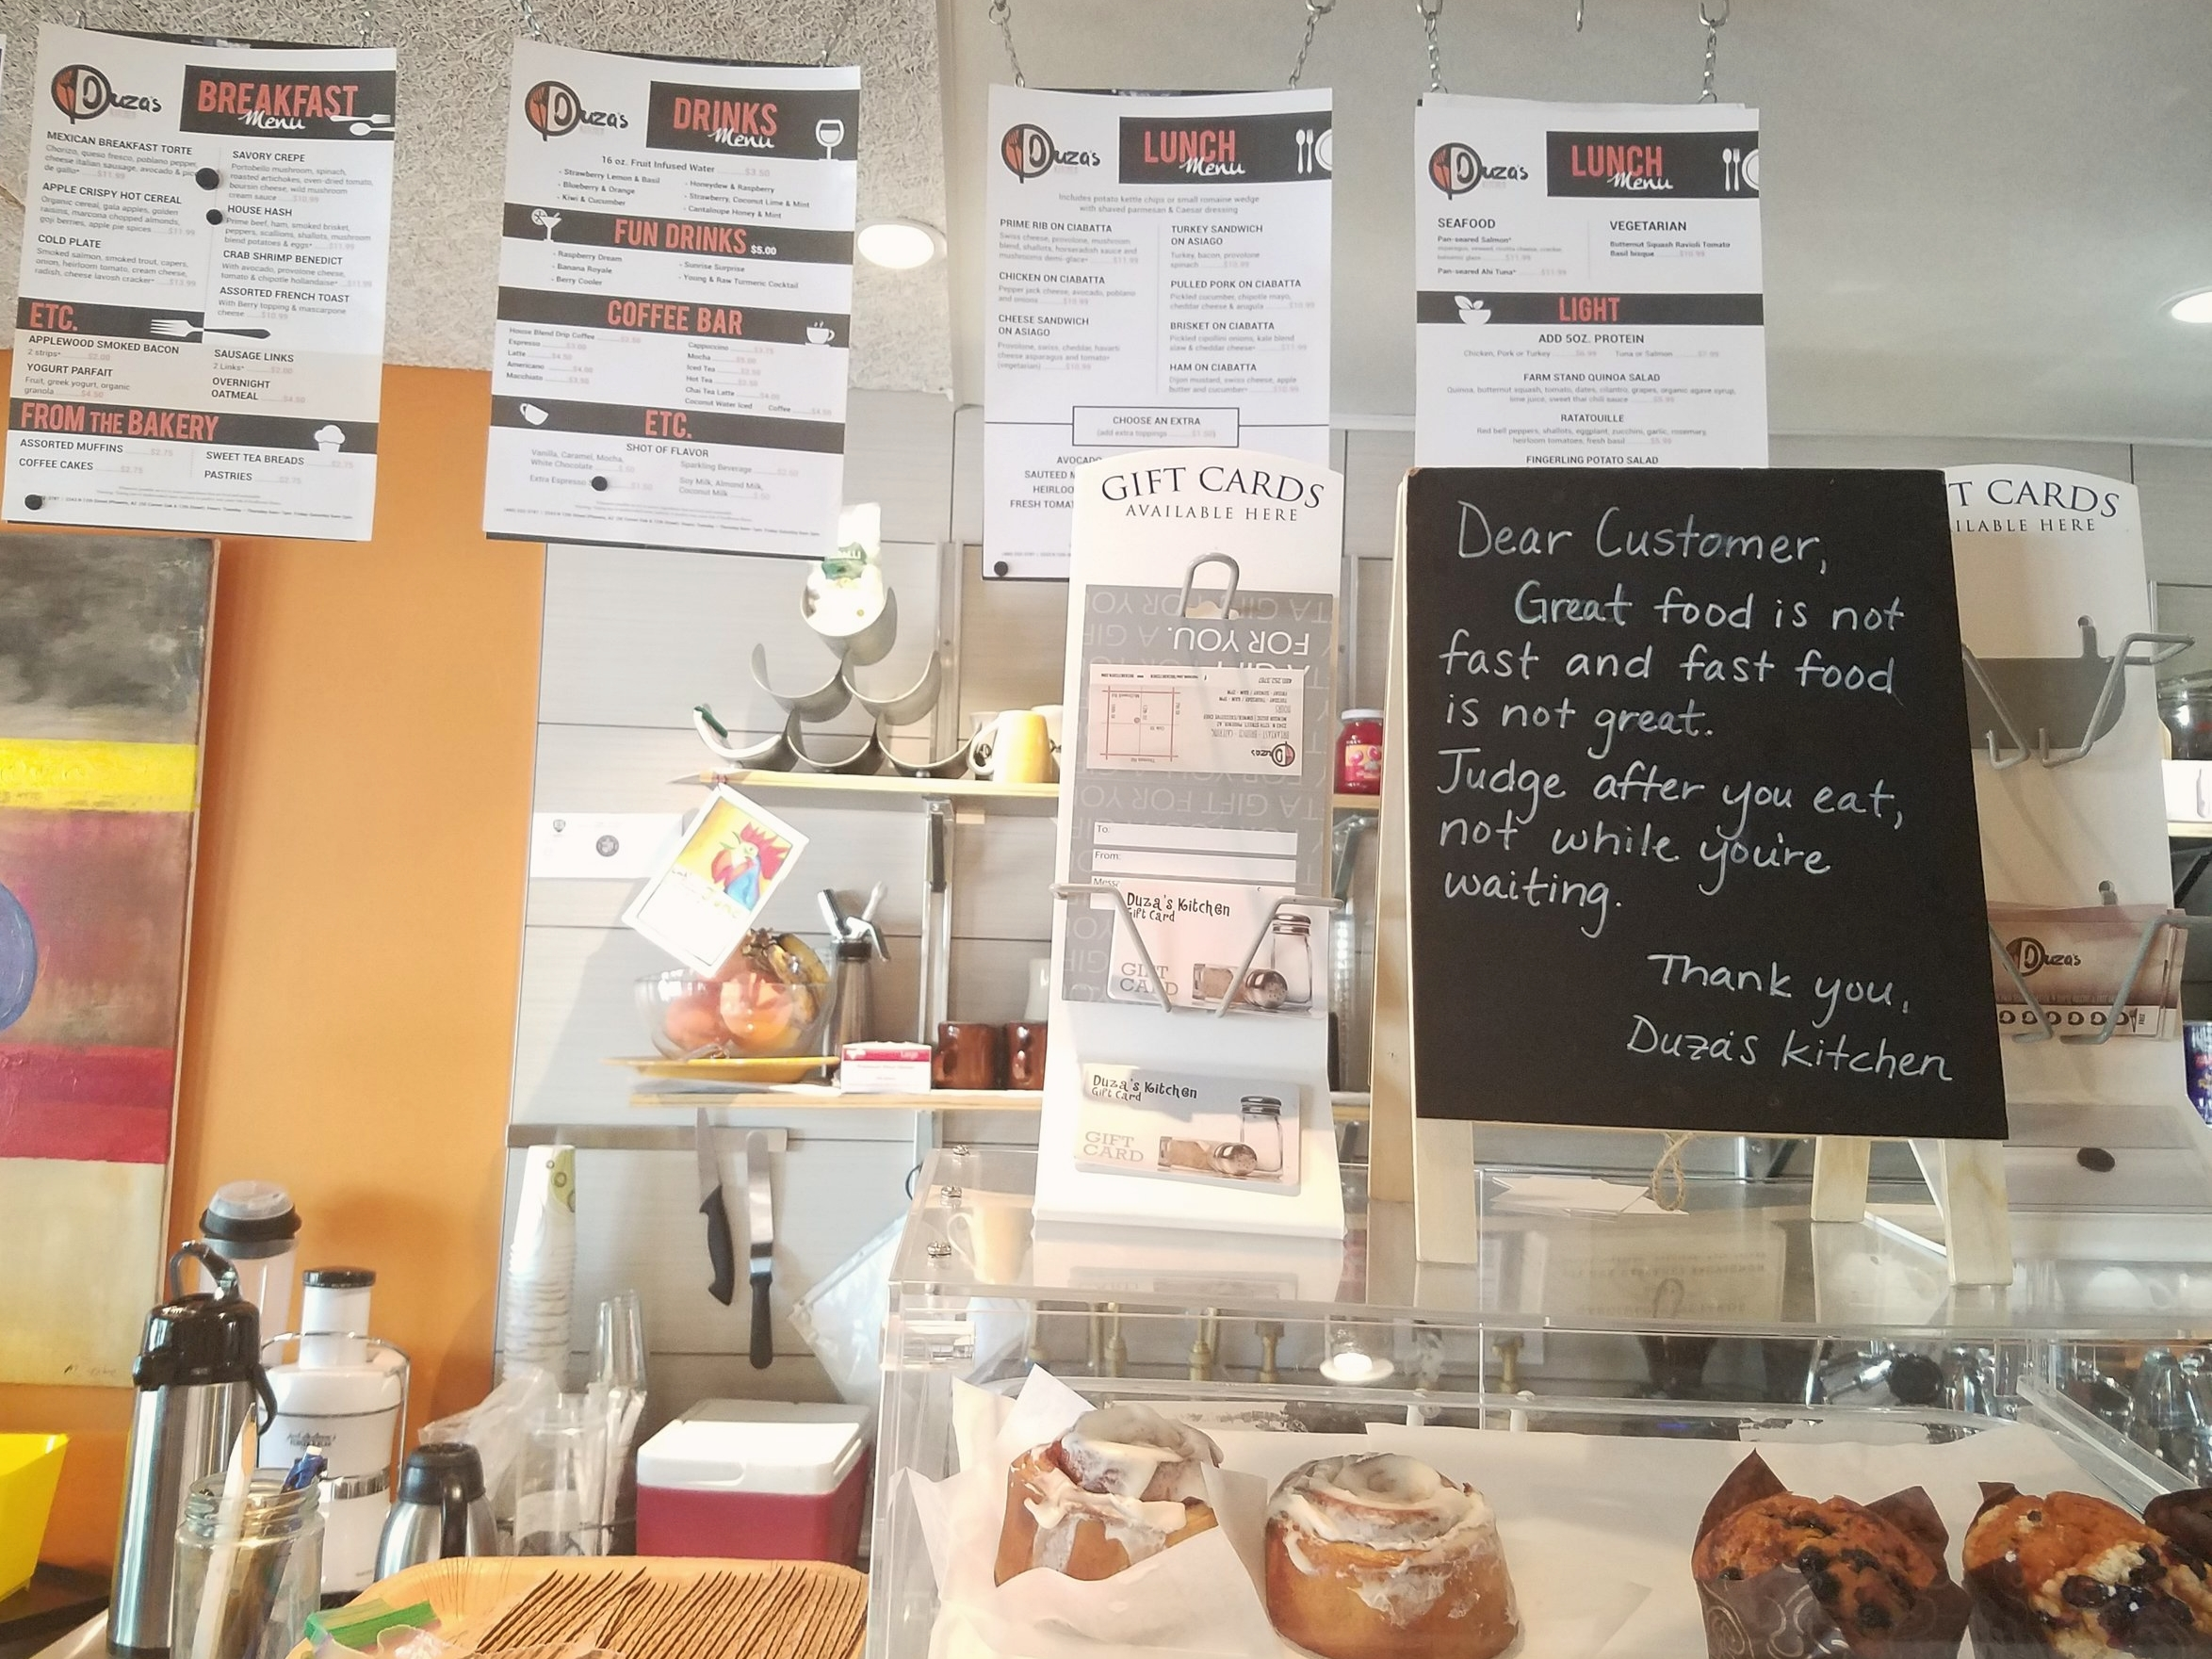 duzas-kitchen-menu